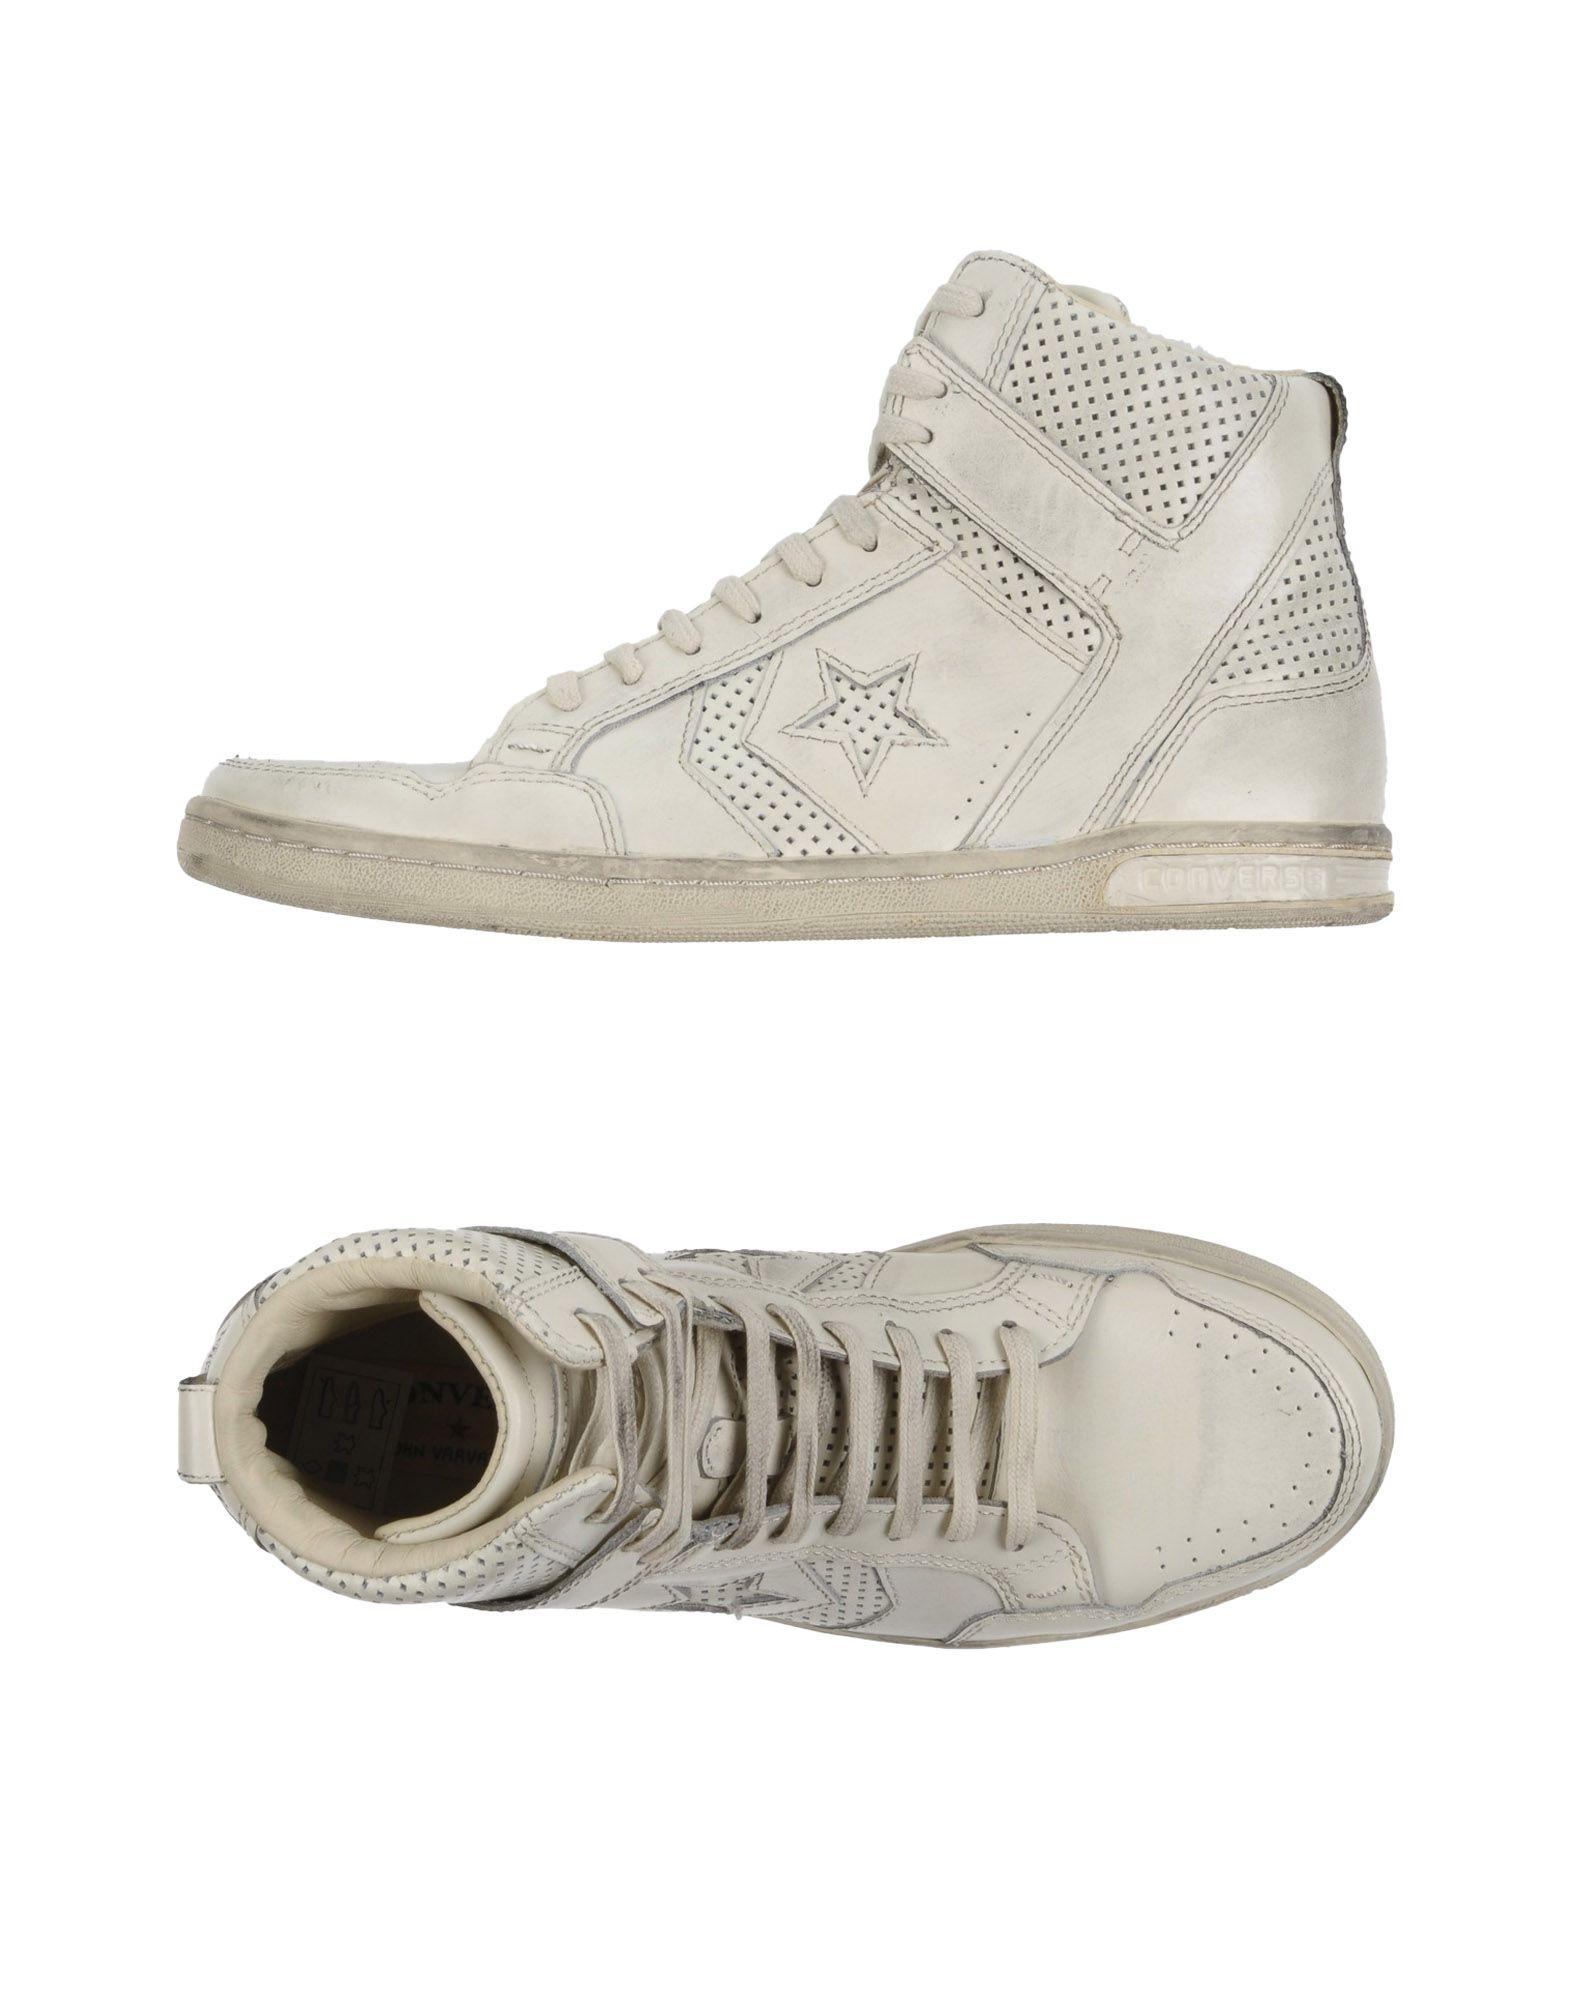 CONVERSE JOHN VARVATOS Herren High Sneakers & Tennisschuhe Farbe Weiß Größe 7